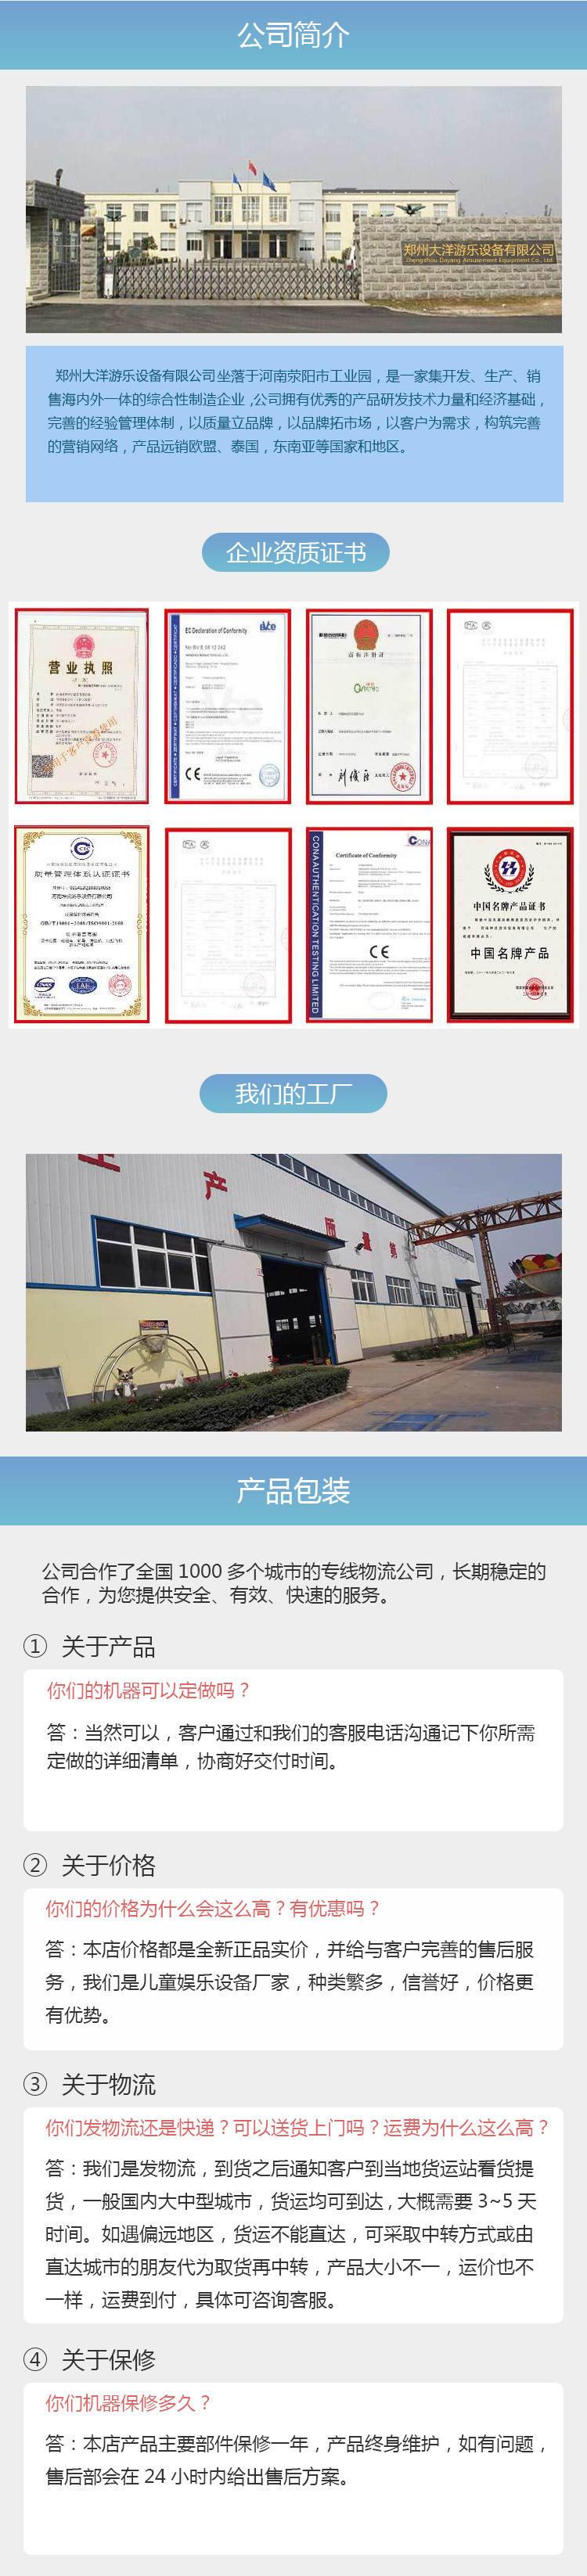 2020销售火爆儿童游乐三维太空环 郑州大洋厂家直销三维太空环项目游艺设施设备示例图22